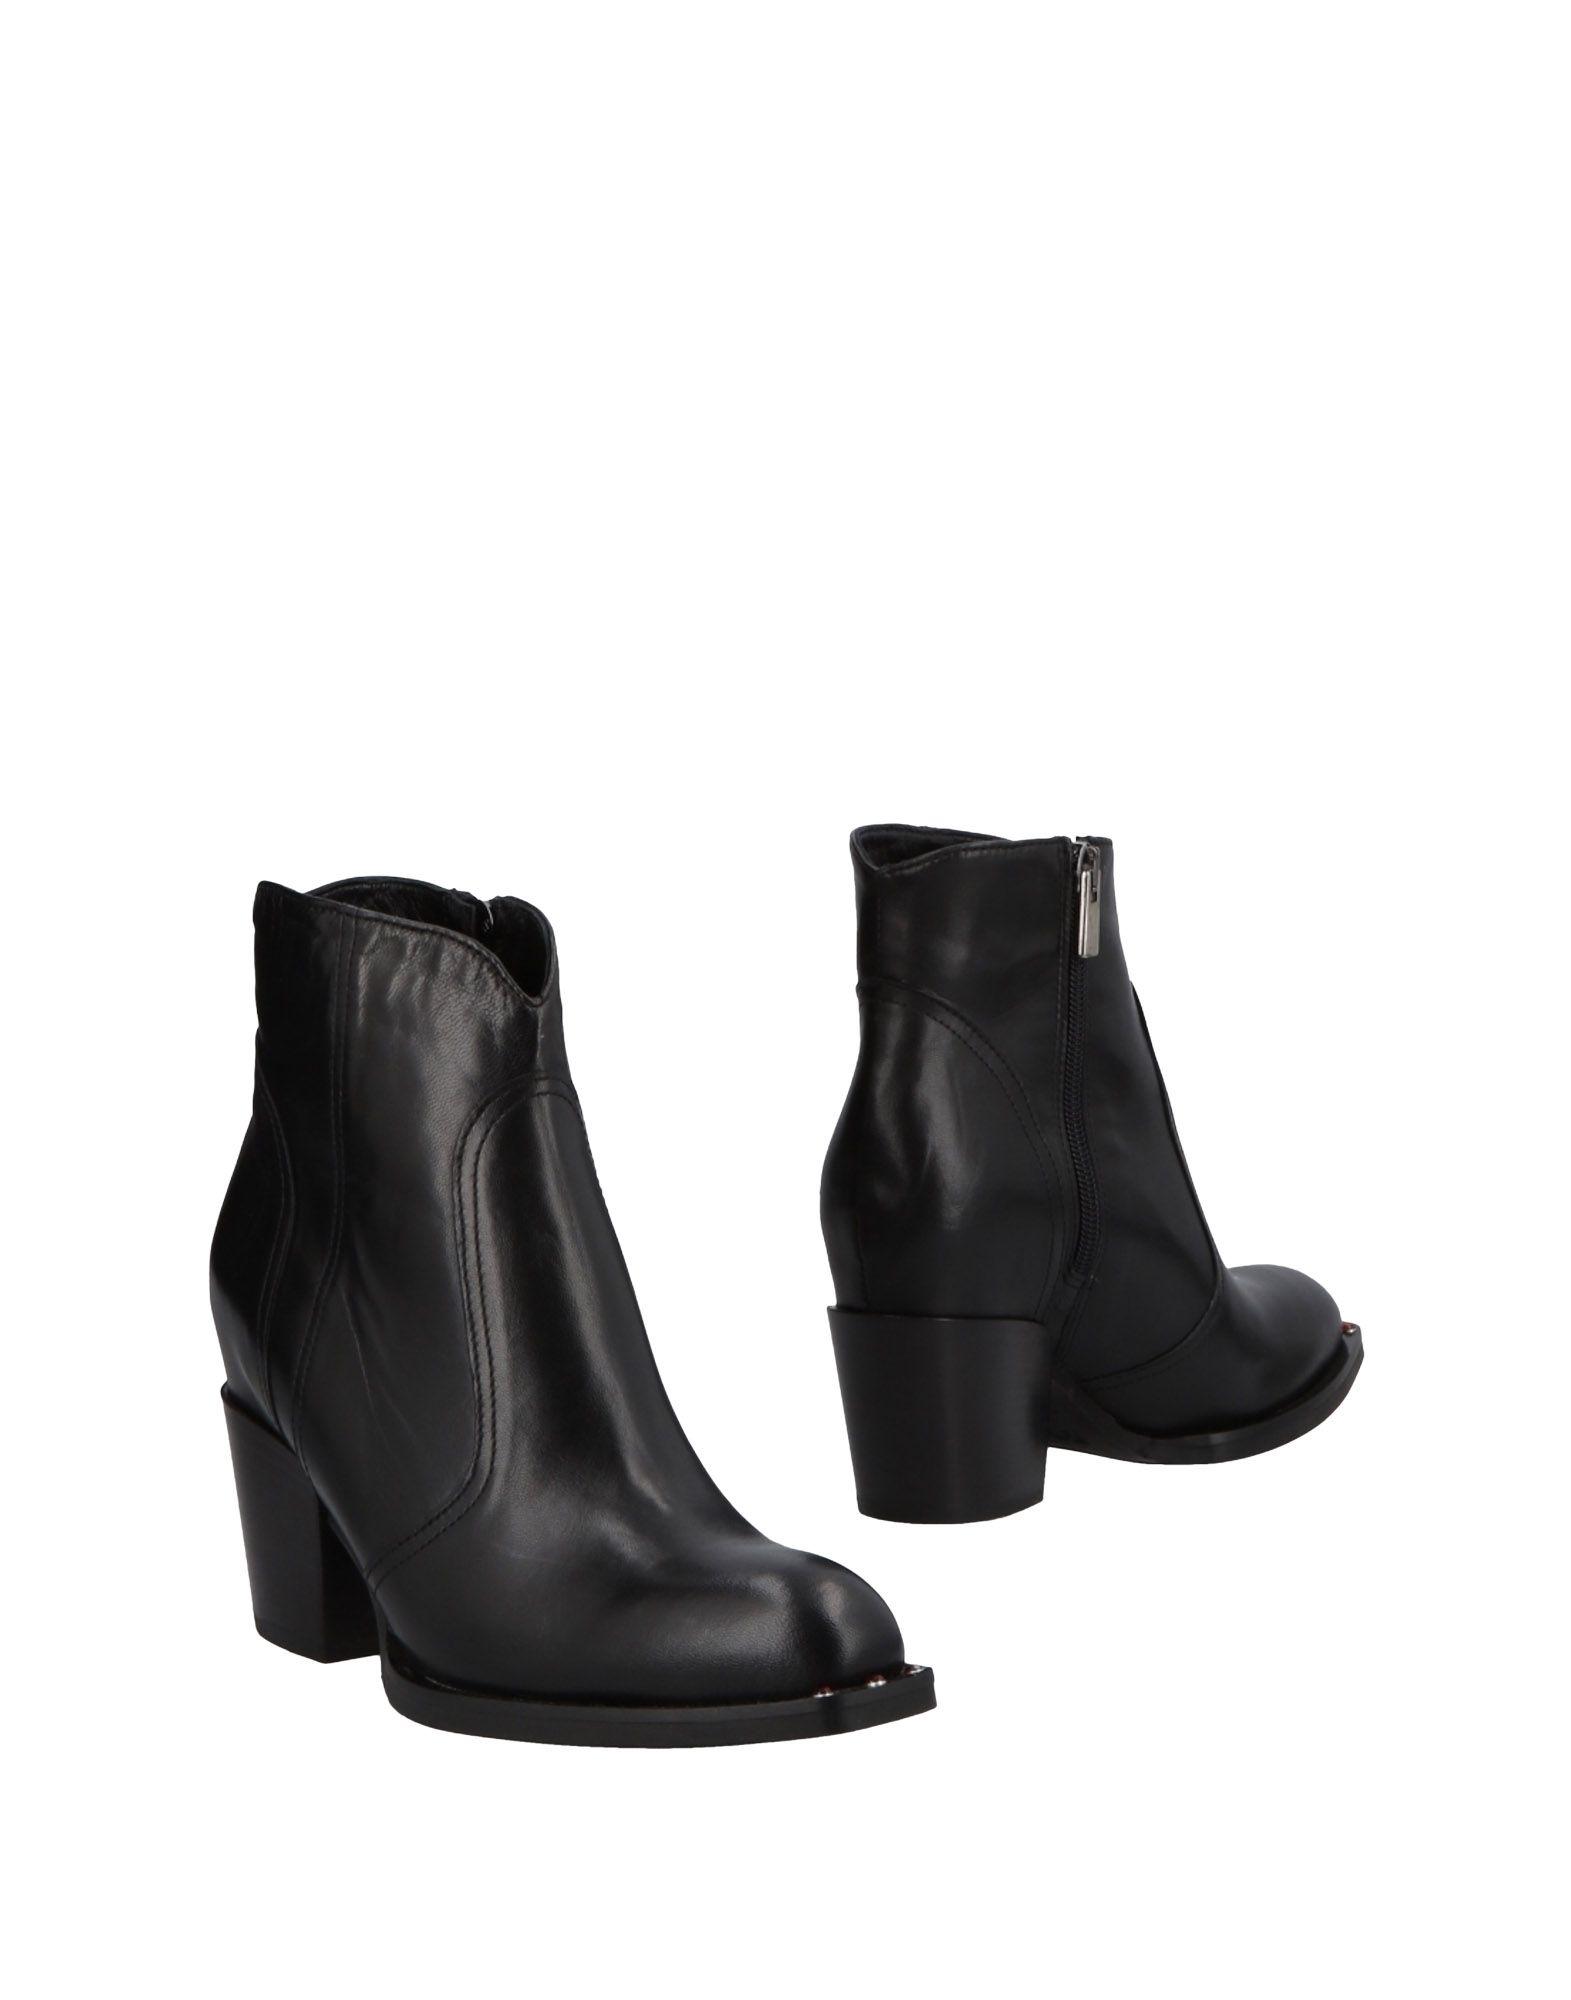 Todai Stiefelette Damen  11480257MI Gute Qualität beliebte Schuhe